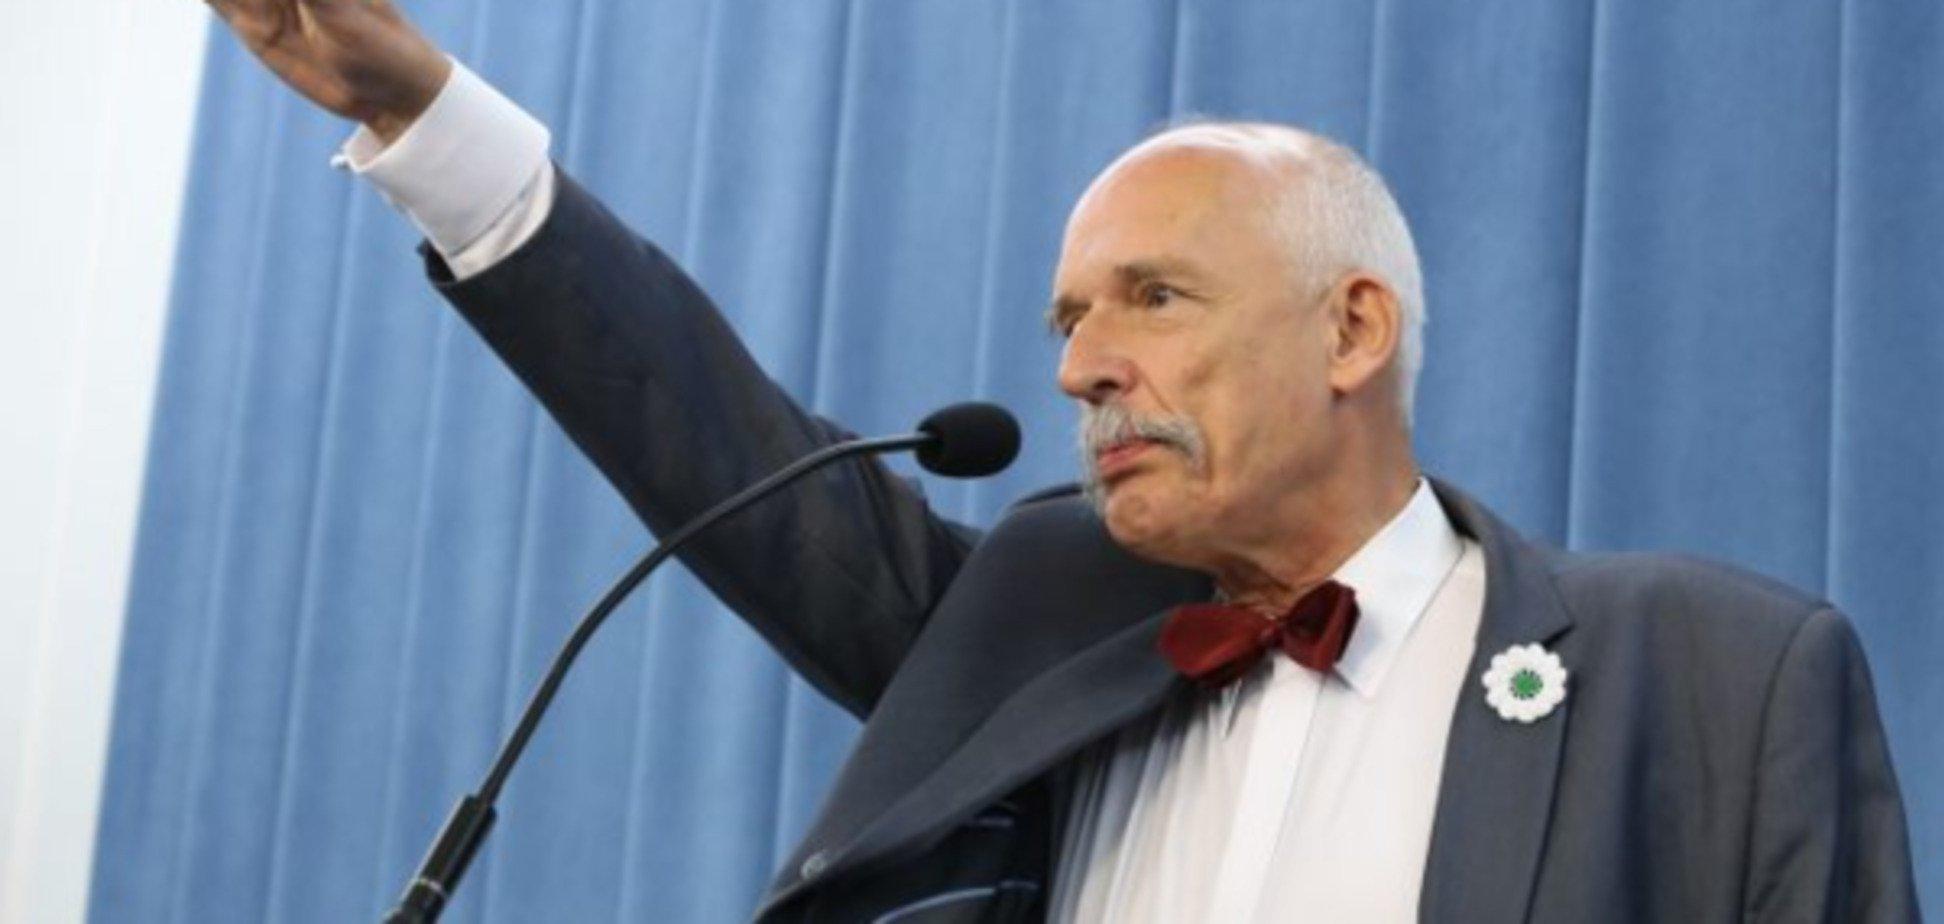 Януш Корвін-Мікке